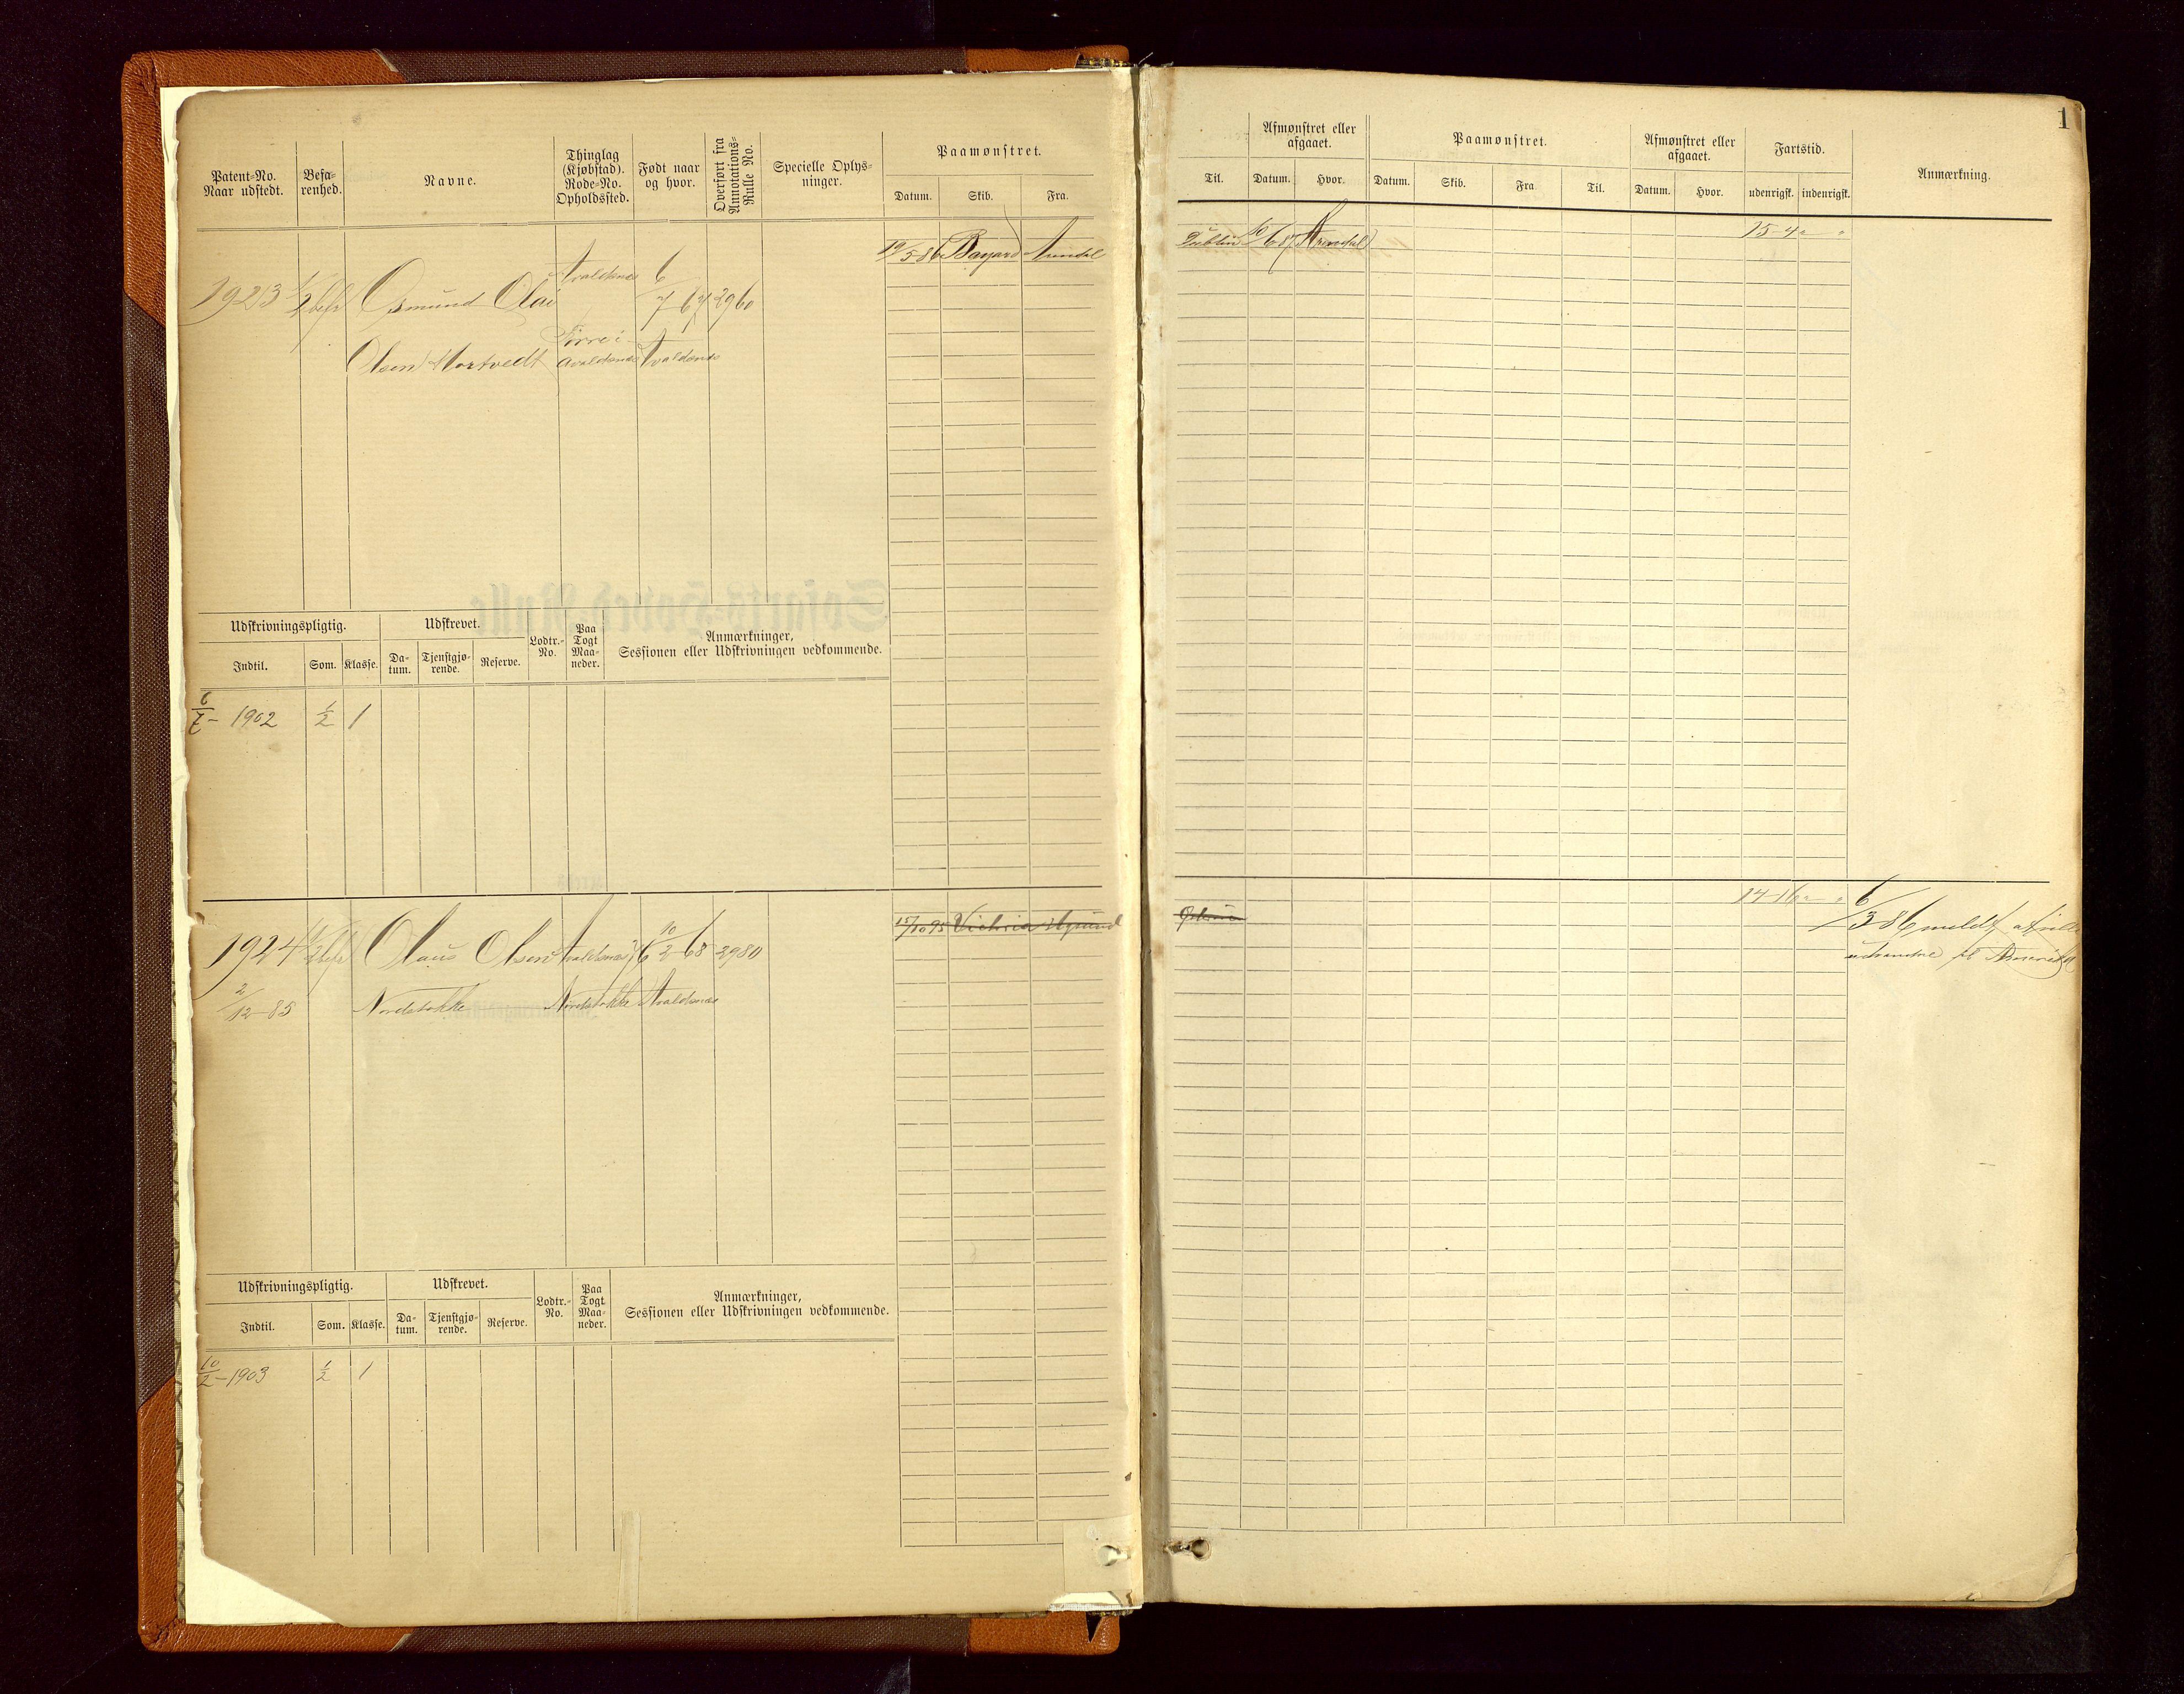 SAST, Haugesund sjømannskontor, F/Fb/Fbb/L0006: Sjøfartsrulle Haugesund krets nr.1923-2884, 1868-1948, s. 1